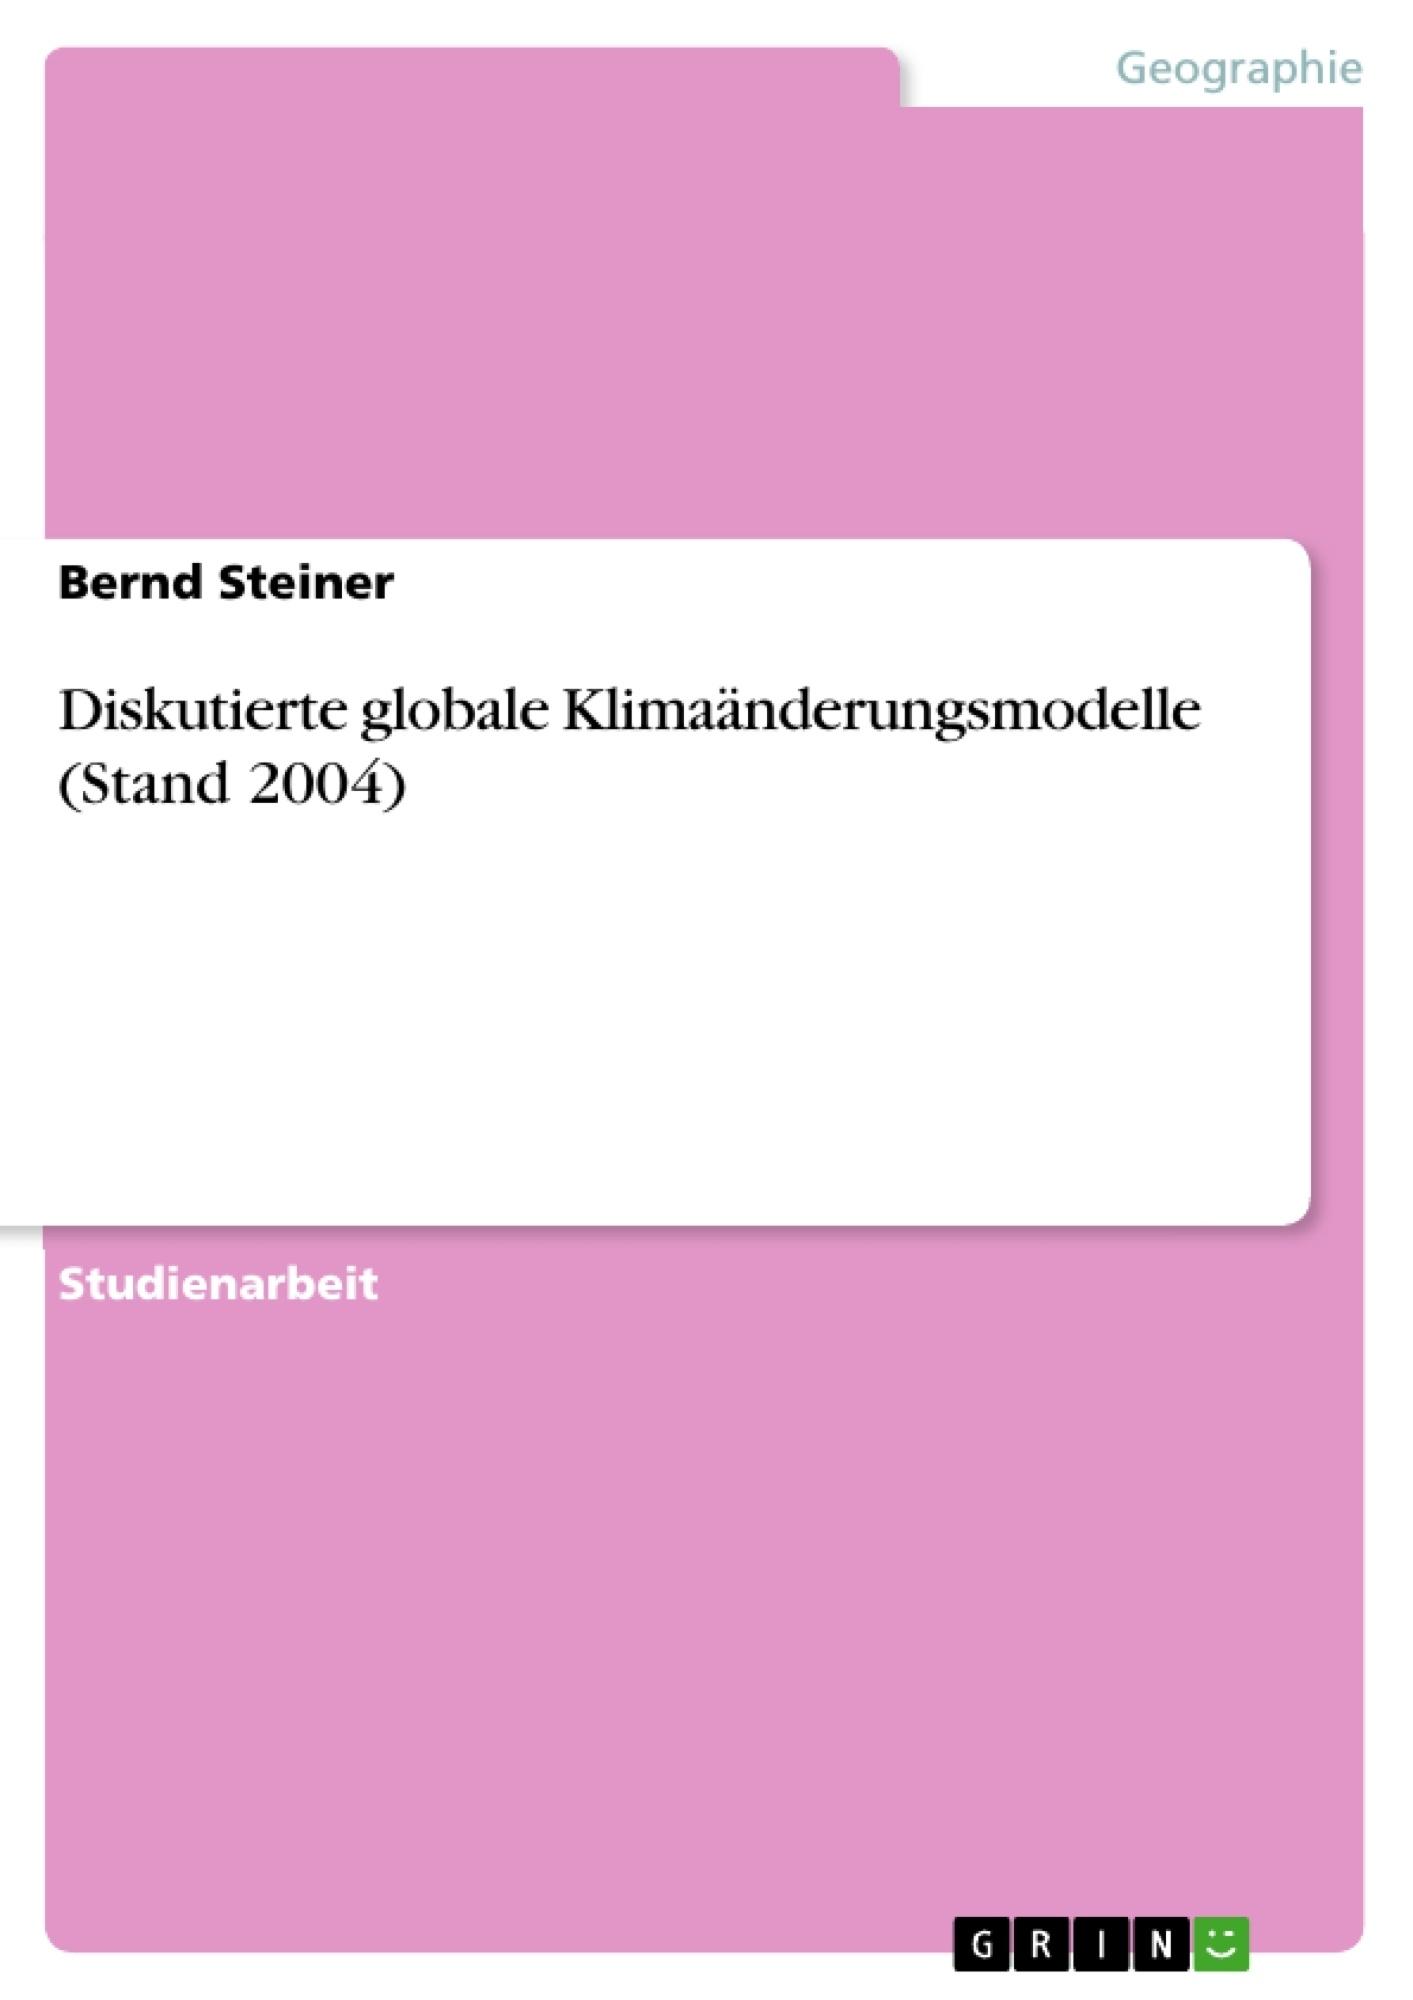 Titel: Diskutierte globale Klimaänderungsmodelle (Stand 2004)